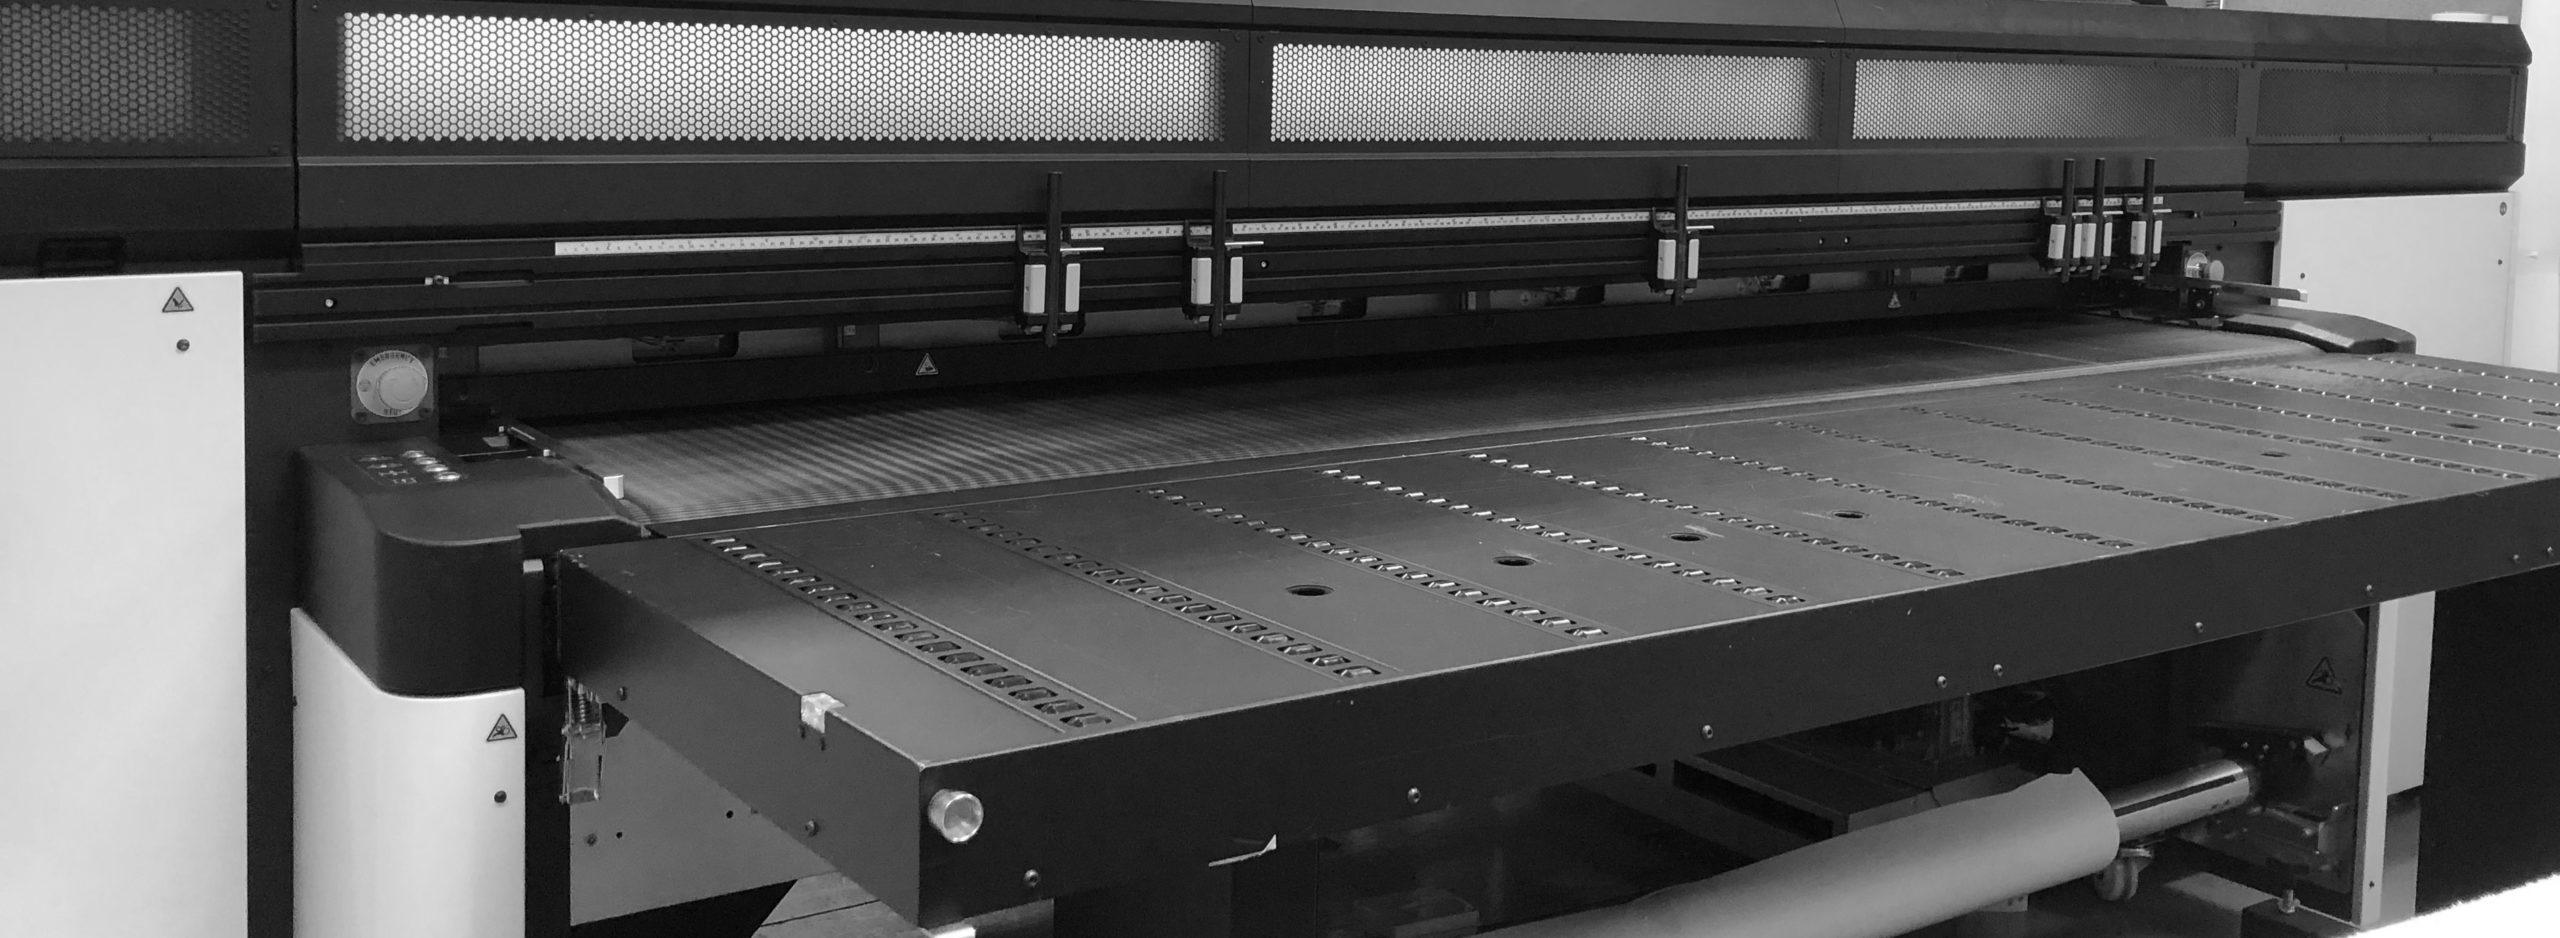 El origen de la impresión. ¿Quién creó la primera impresora?